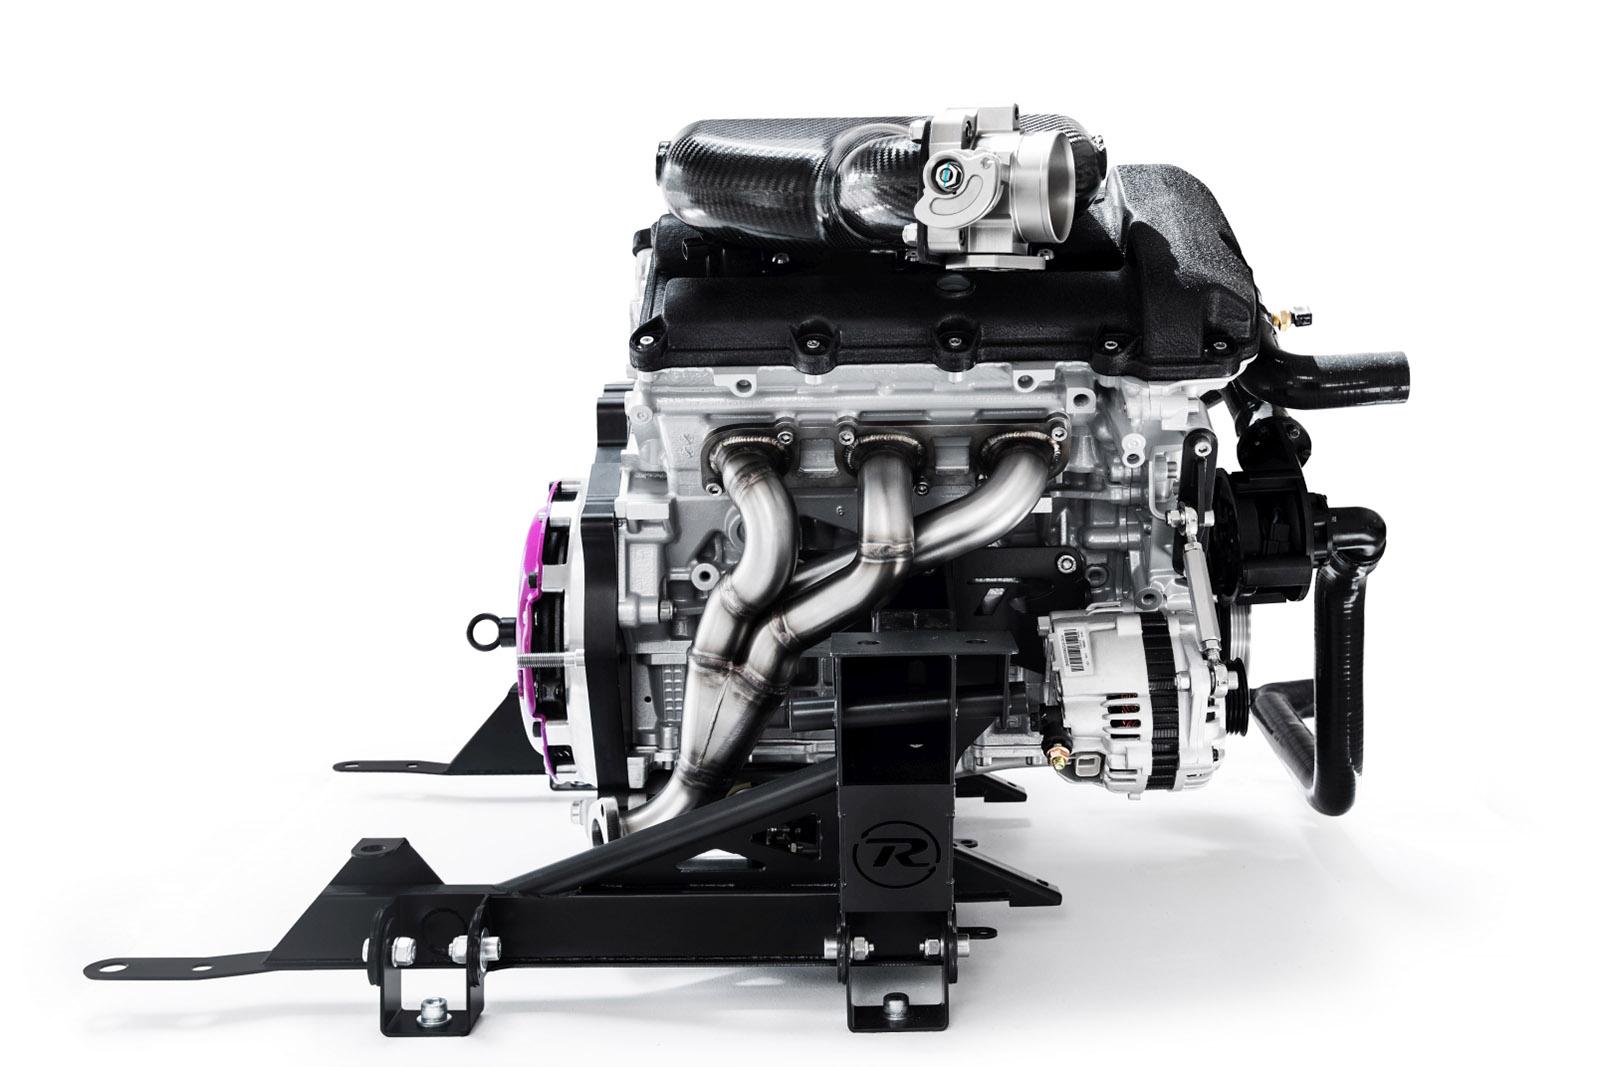 motor aditivo para sel engine pin diesel the tu london shot engines at di file show utilizar un jaguar porqu